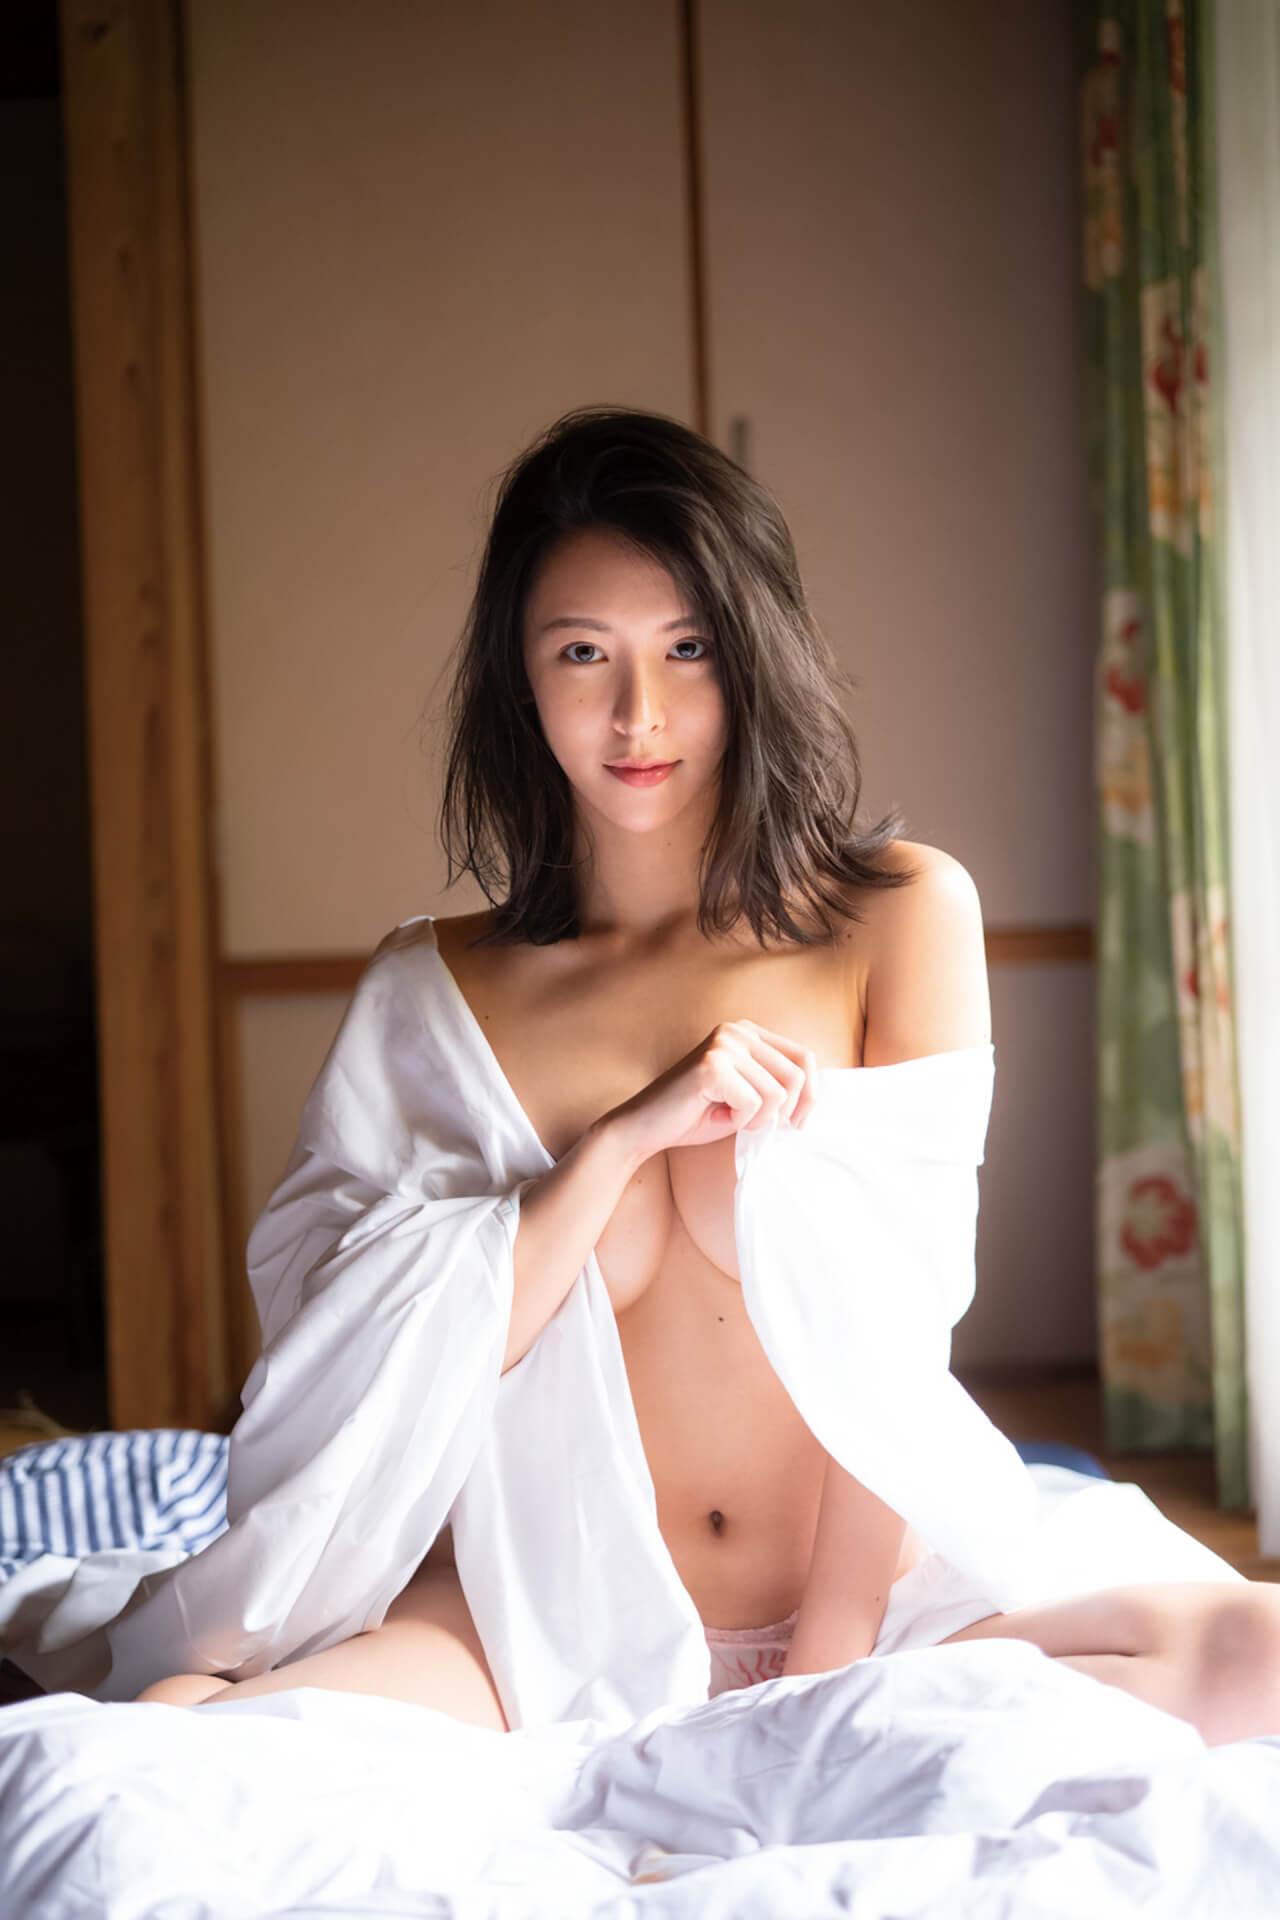 """""""いま最も写真集が売れる""""と話題の奈月セナが限界露出に挑戦した裸身を披露!新写真集『たまゆら』の発売が決定 art210511_natsukisena_2"""